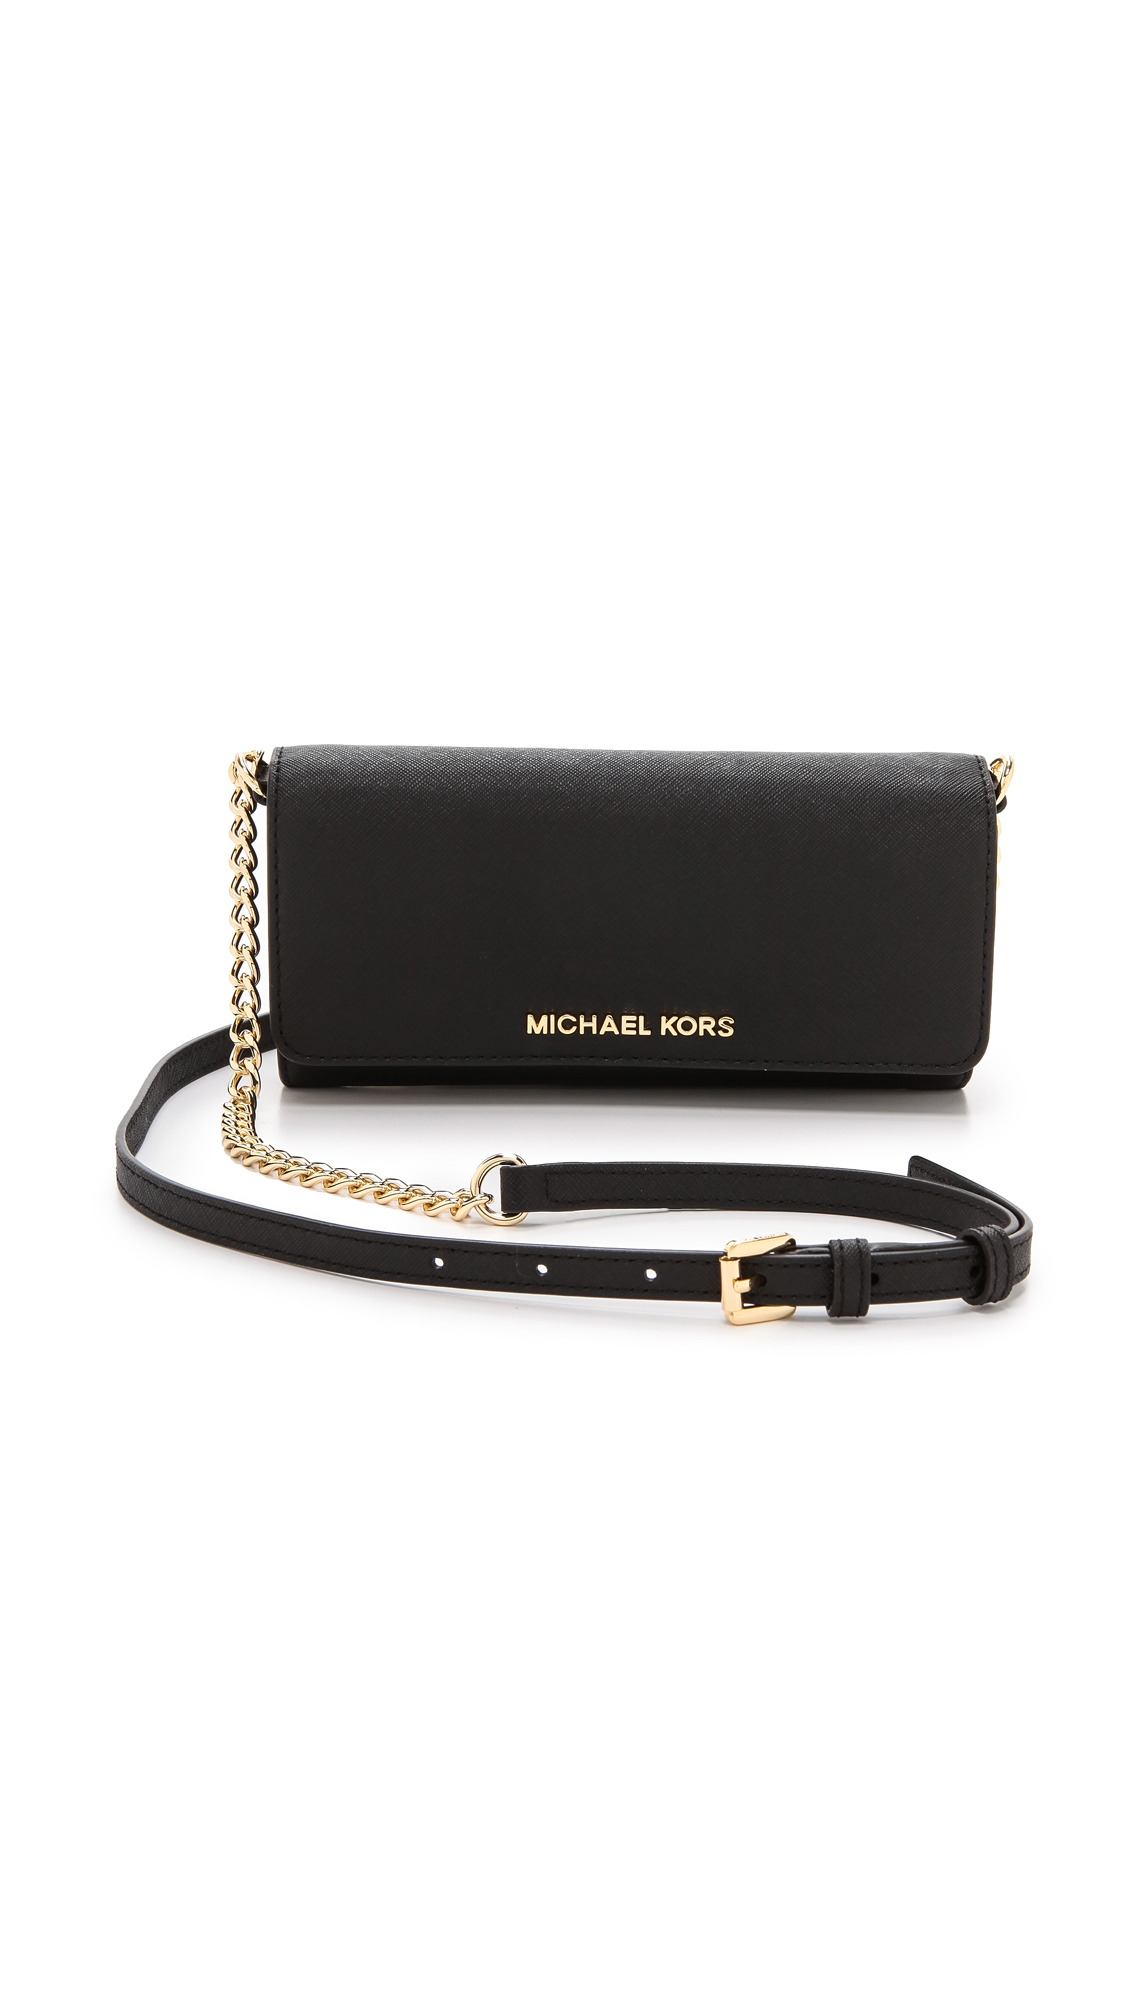 773a7e996b49 MICHAEL Michael Kors Jet Set Chain Travel Wallet